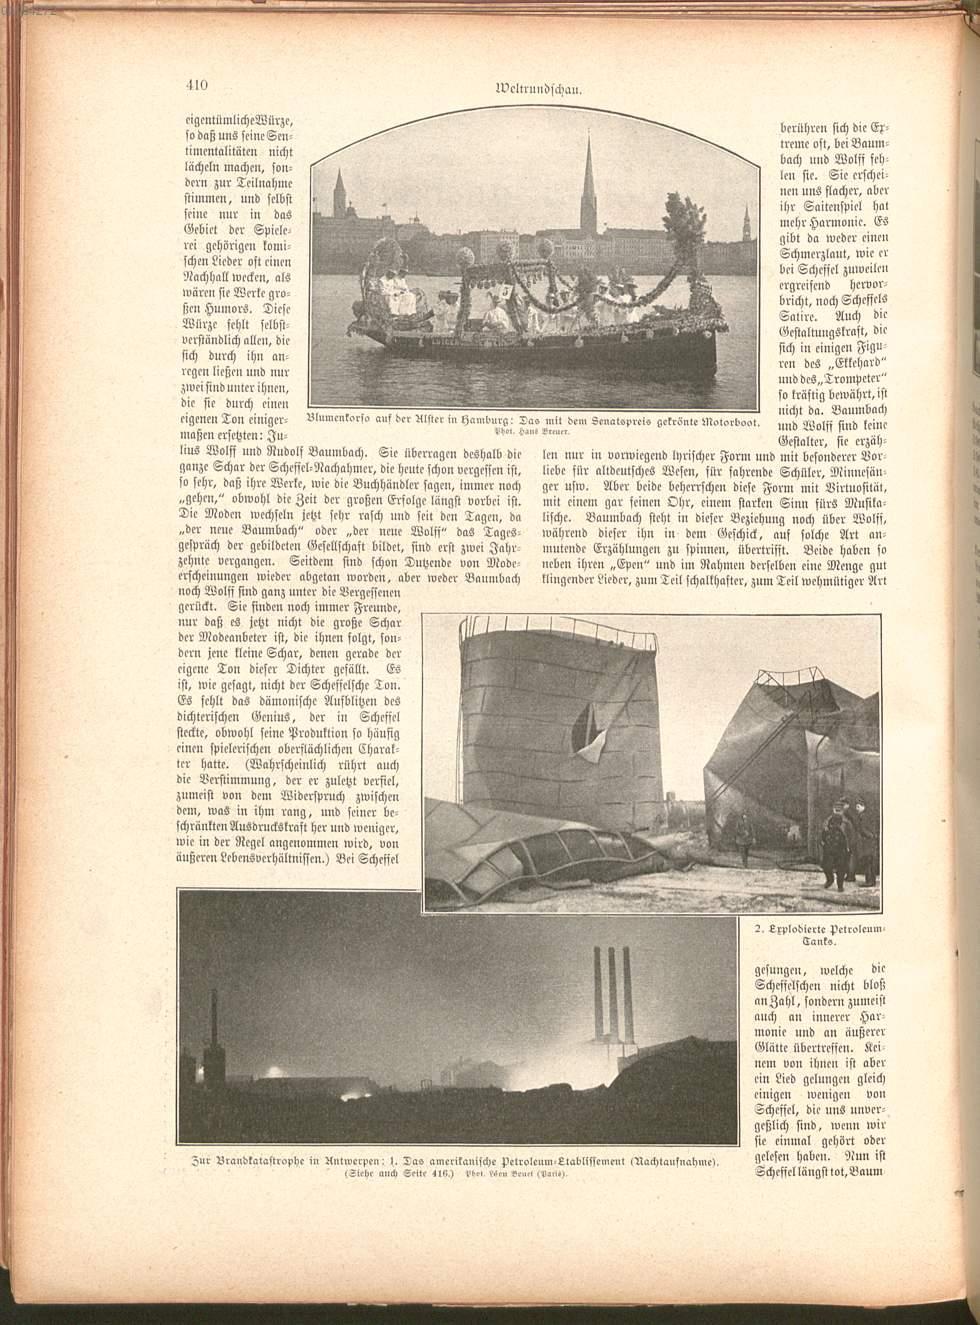 Illustriertes Universum-Jahrbuch (Leipzig 1904) 4 Z 2012.885-1904 ...